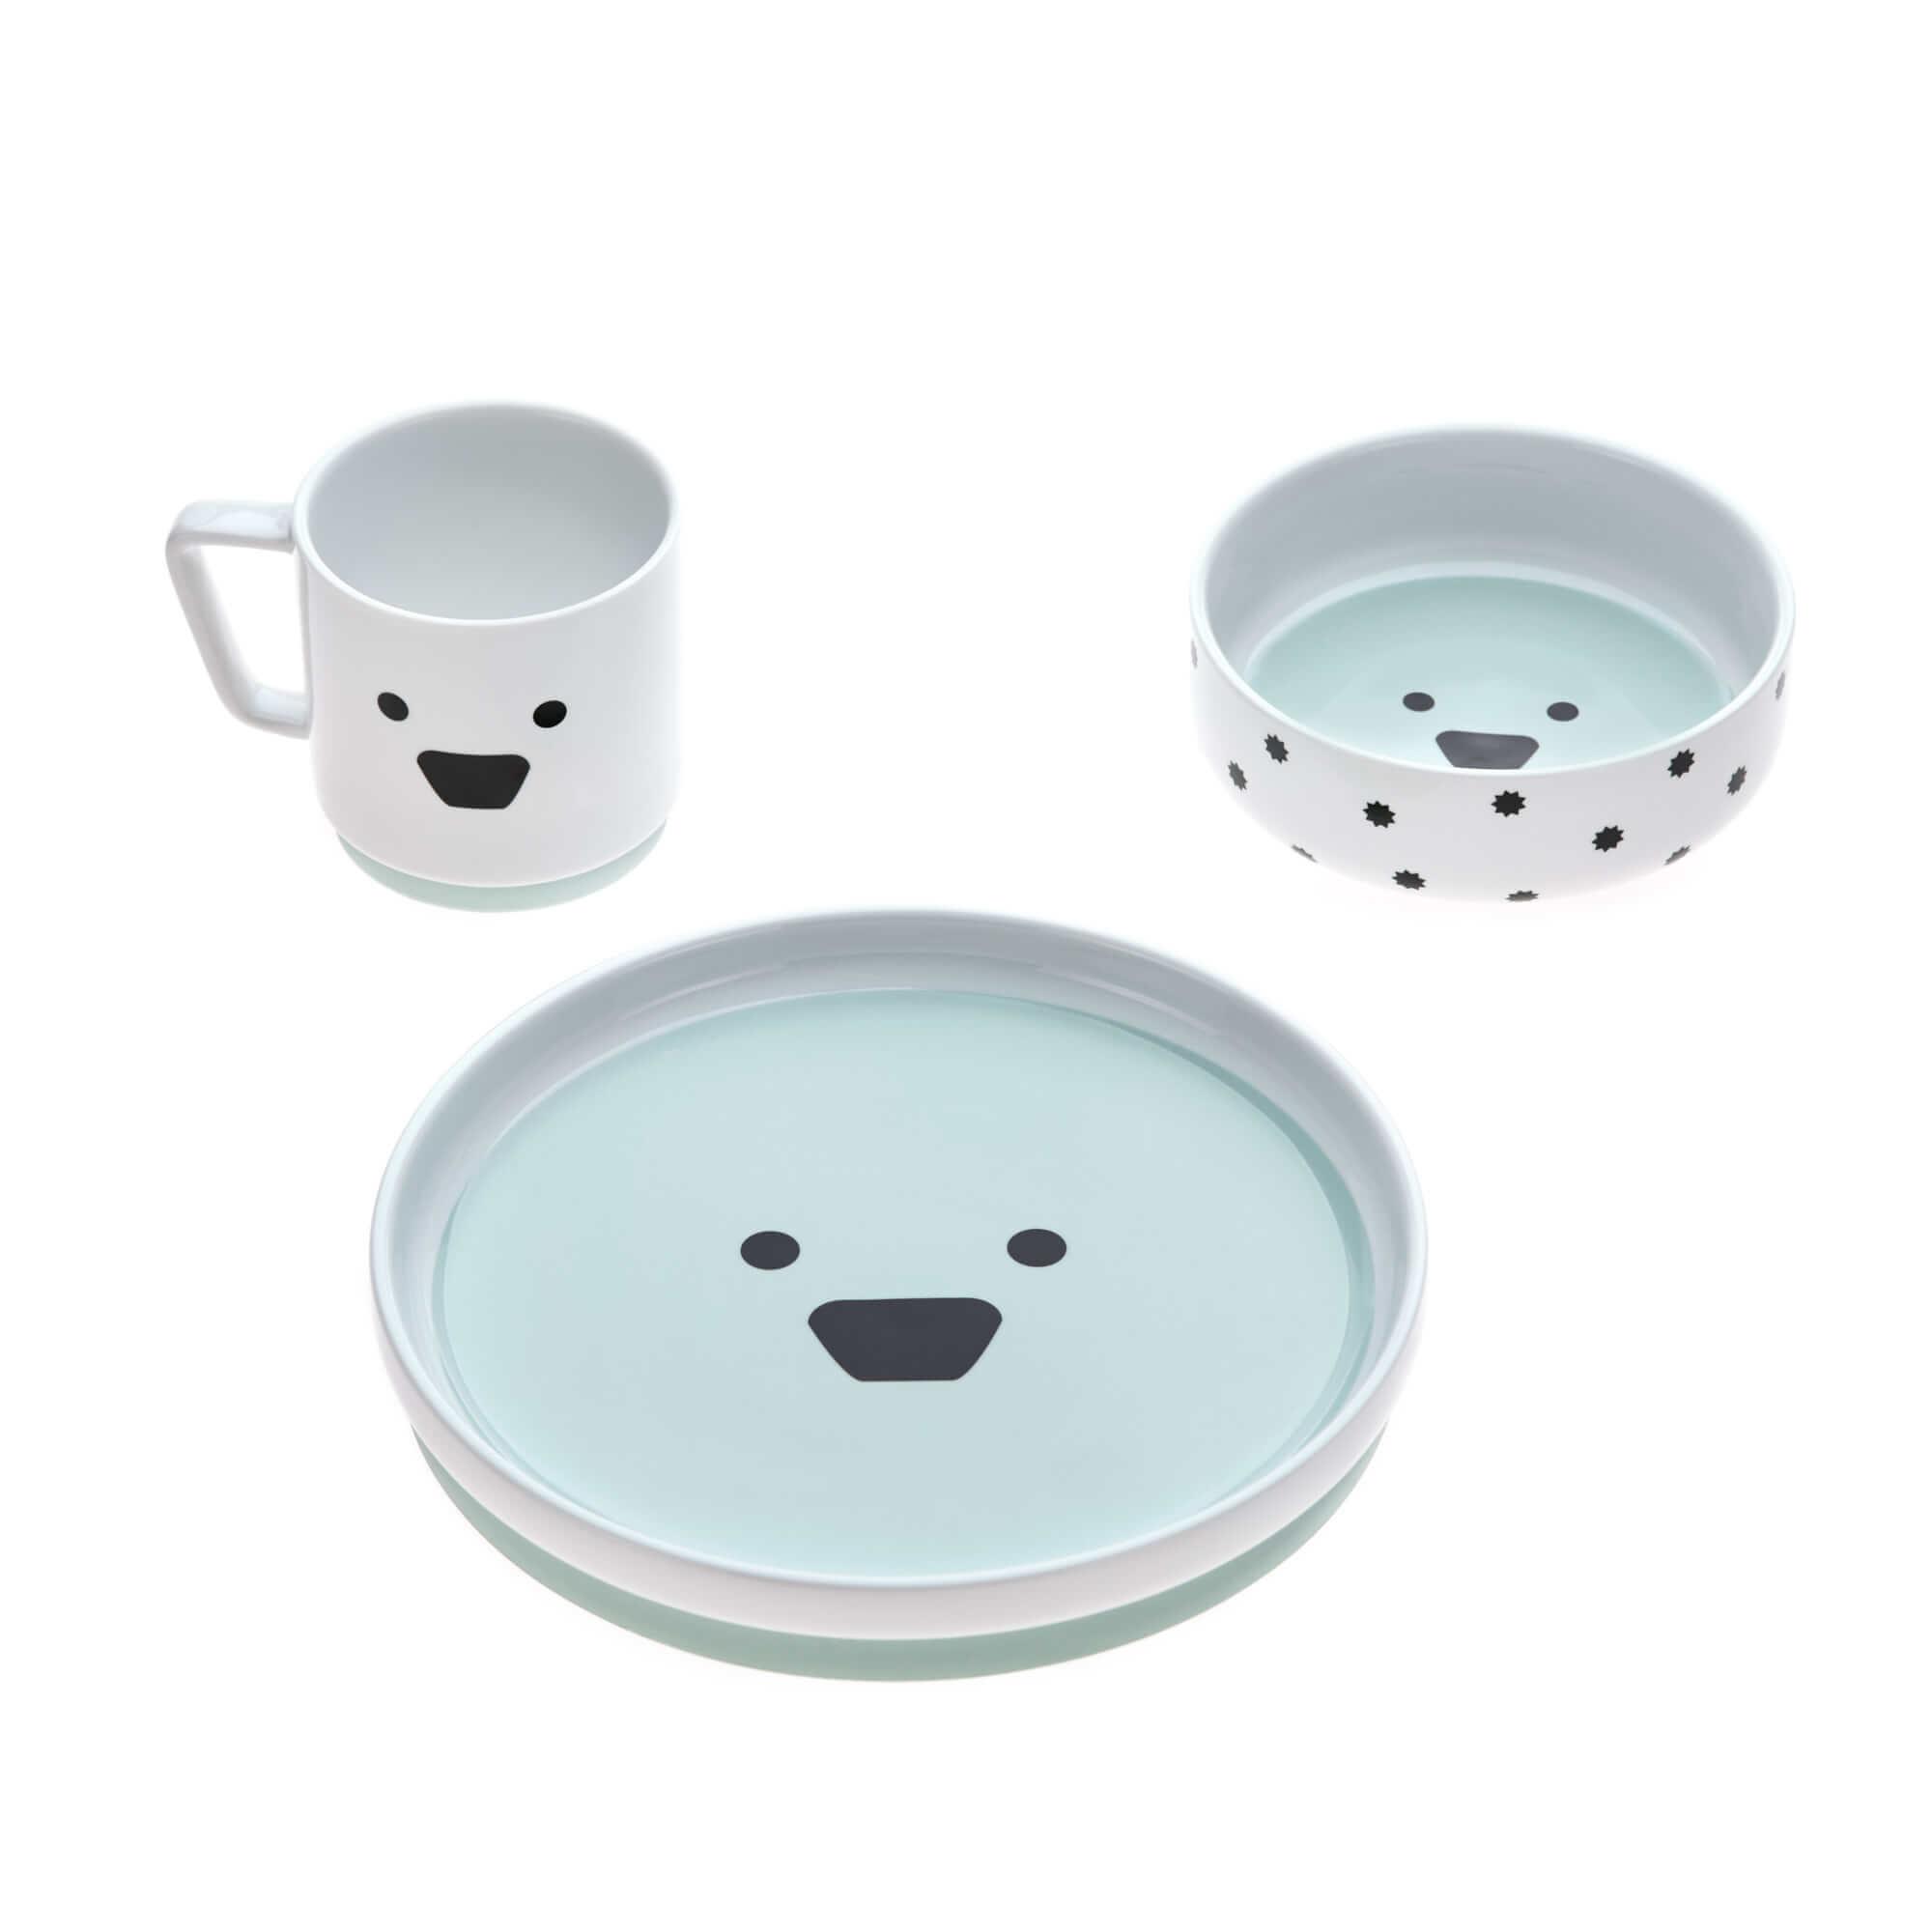 Lässig Lässig Geschirr Set Porzellan und Silikon Little Chums Dog